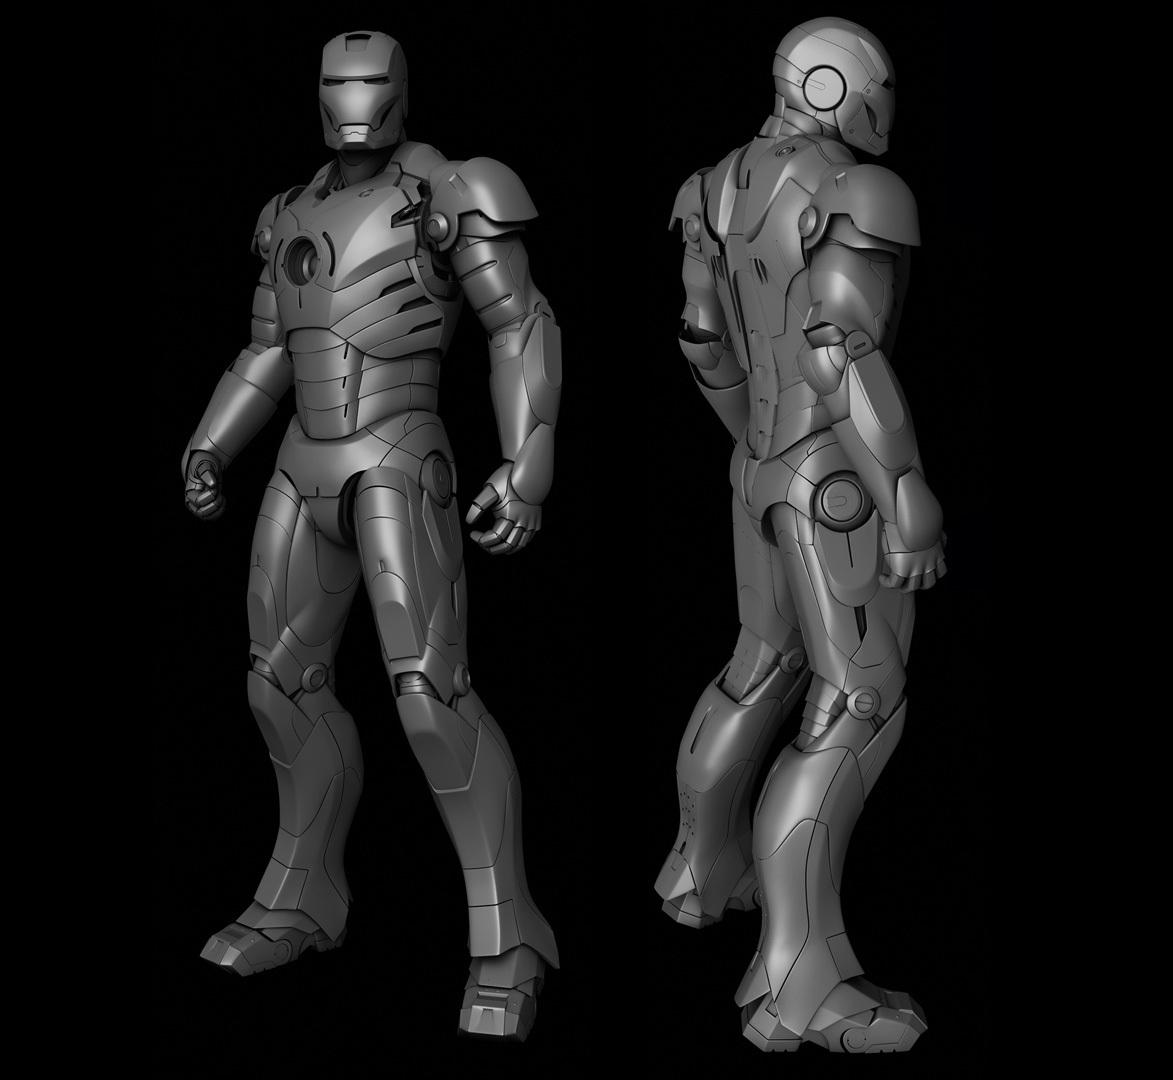 Sathe iron man 1 e10a1719 vvlj